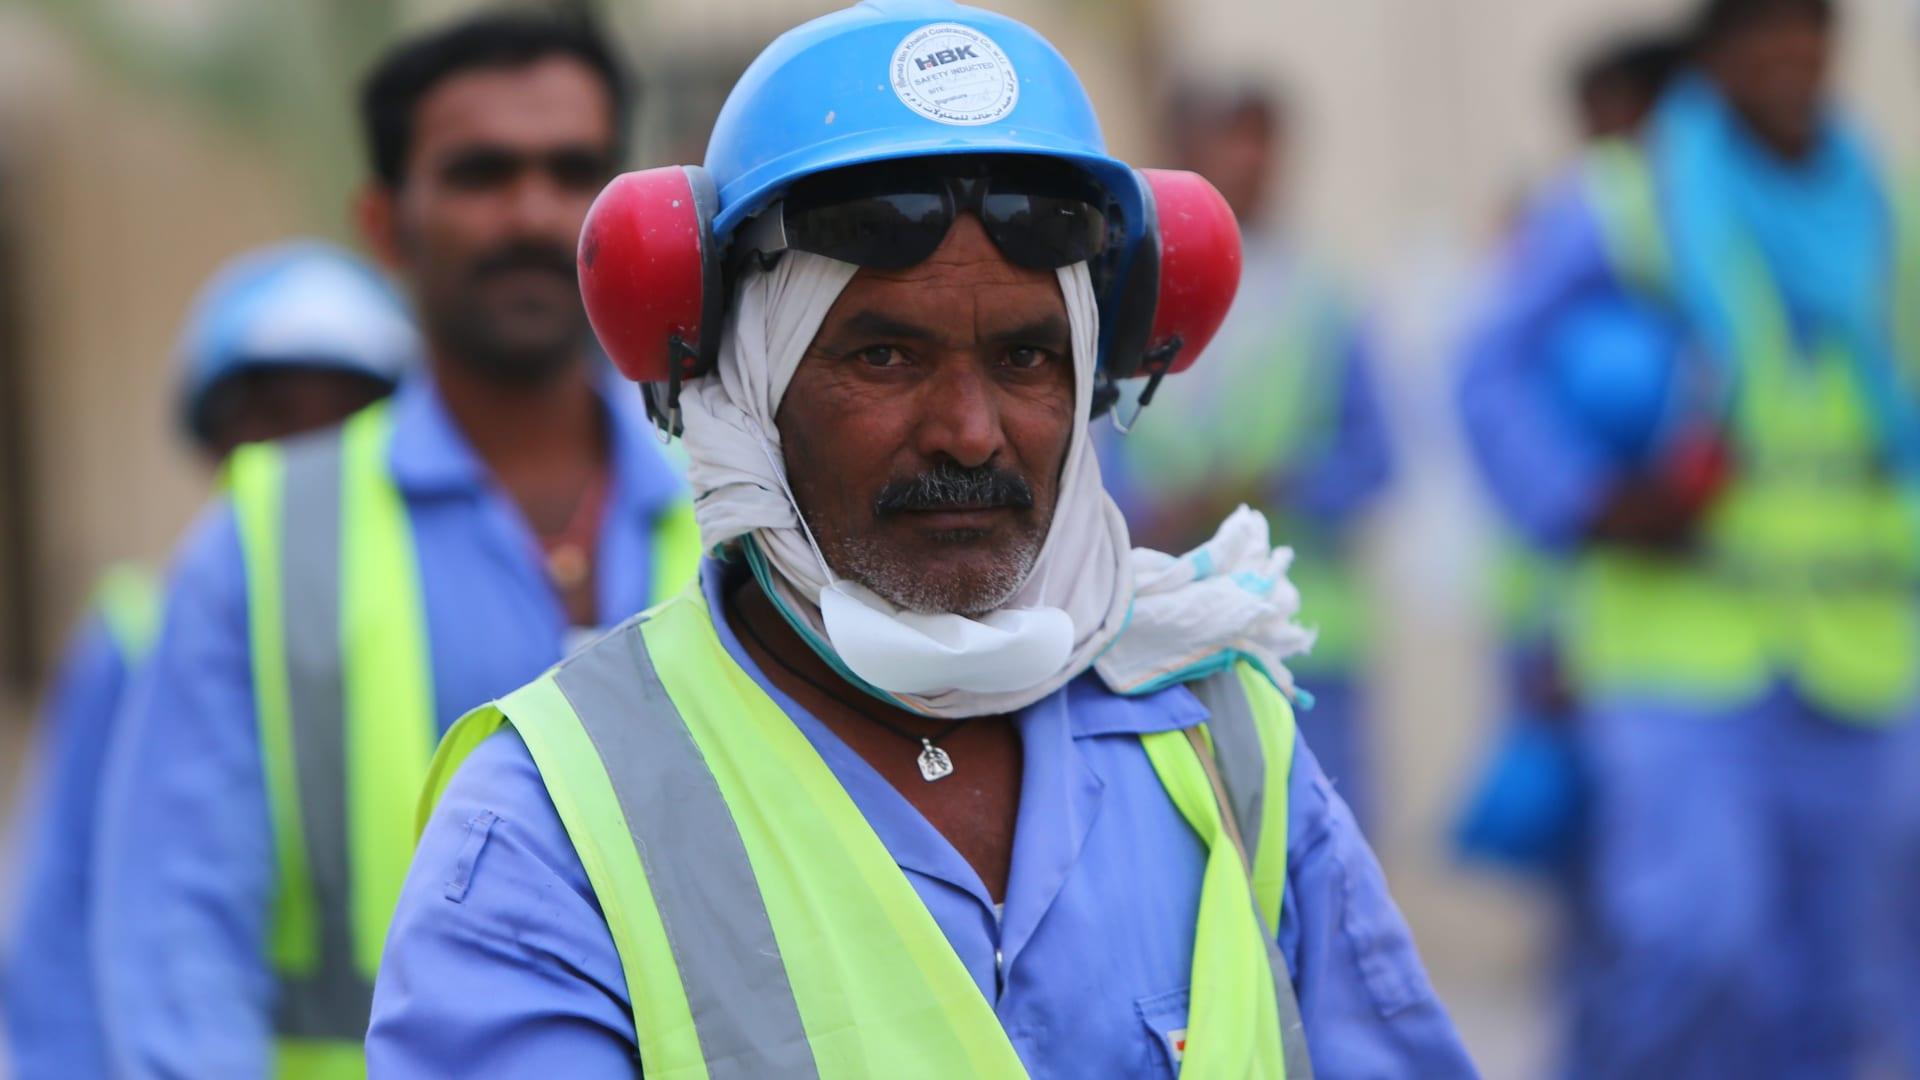 ترامب لأمير قطر عن توسعة العديد: الحمد لله أنها بأموالكم